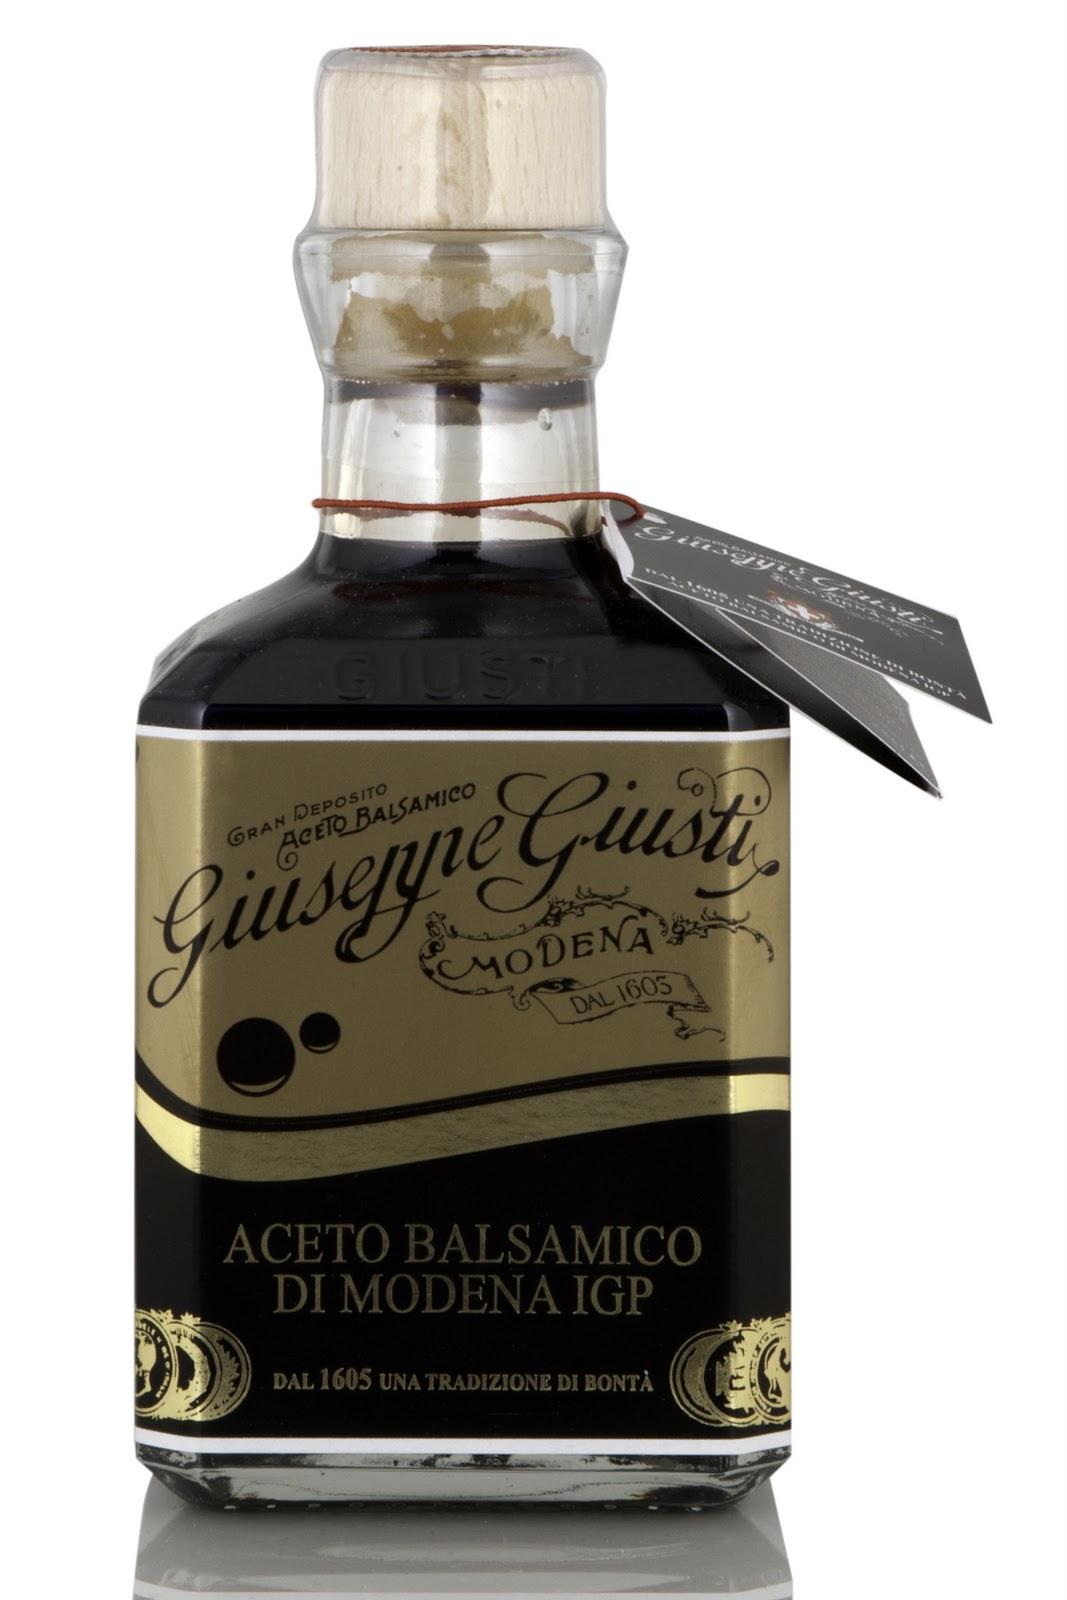 Aceto Balsamico di Modena Alta Densità Giusti